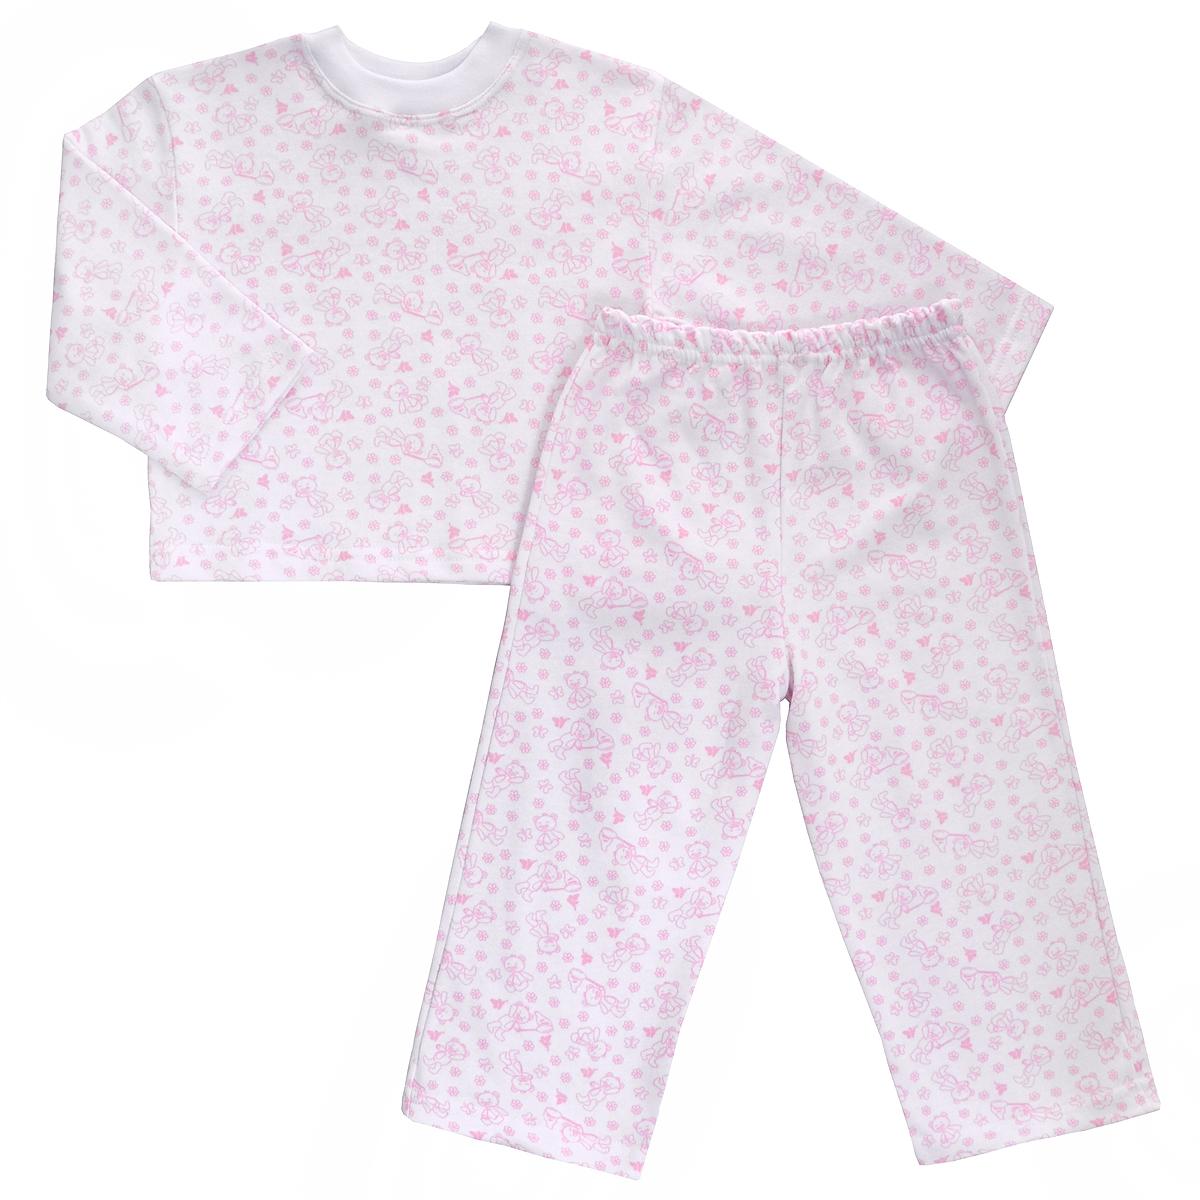 Пижама детская Трон-плюс, цвет: белый, розовый, рисунок мишки. 5553. Размер 80/86, 1-2 года5553Яркая детская пижама Трон-плюс, состоящая из кофточки и штанишек, идеально подойдет вашему малышу и станет отличным дополнением к детскому гардеробу. Теплая пижама, изготовленная из набивного футера - натурального хлопка, необычайно мягкая и легкая, не сковывает движения ребенка, позволяет коже дышать и не раздражает даже самую нежную и чувствительную кожу малыша. Кофта с длинными рукавами имеет круглый вырез горловины. Штанишки на удобной резинке не сдавливают животик ребенка и не сползают.В такой пижаме ваш ребенок будет чувствовать себя комфортно и уютно во время сна.